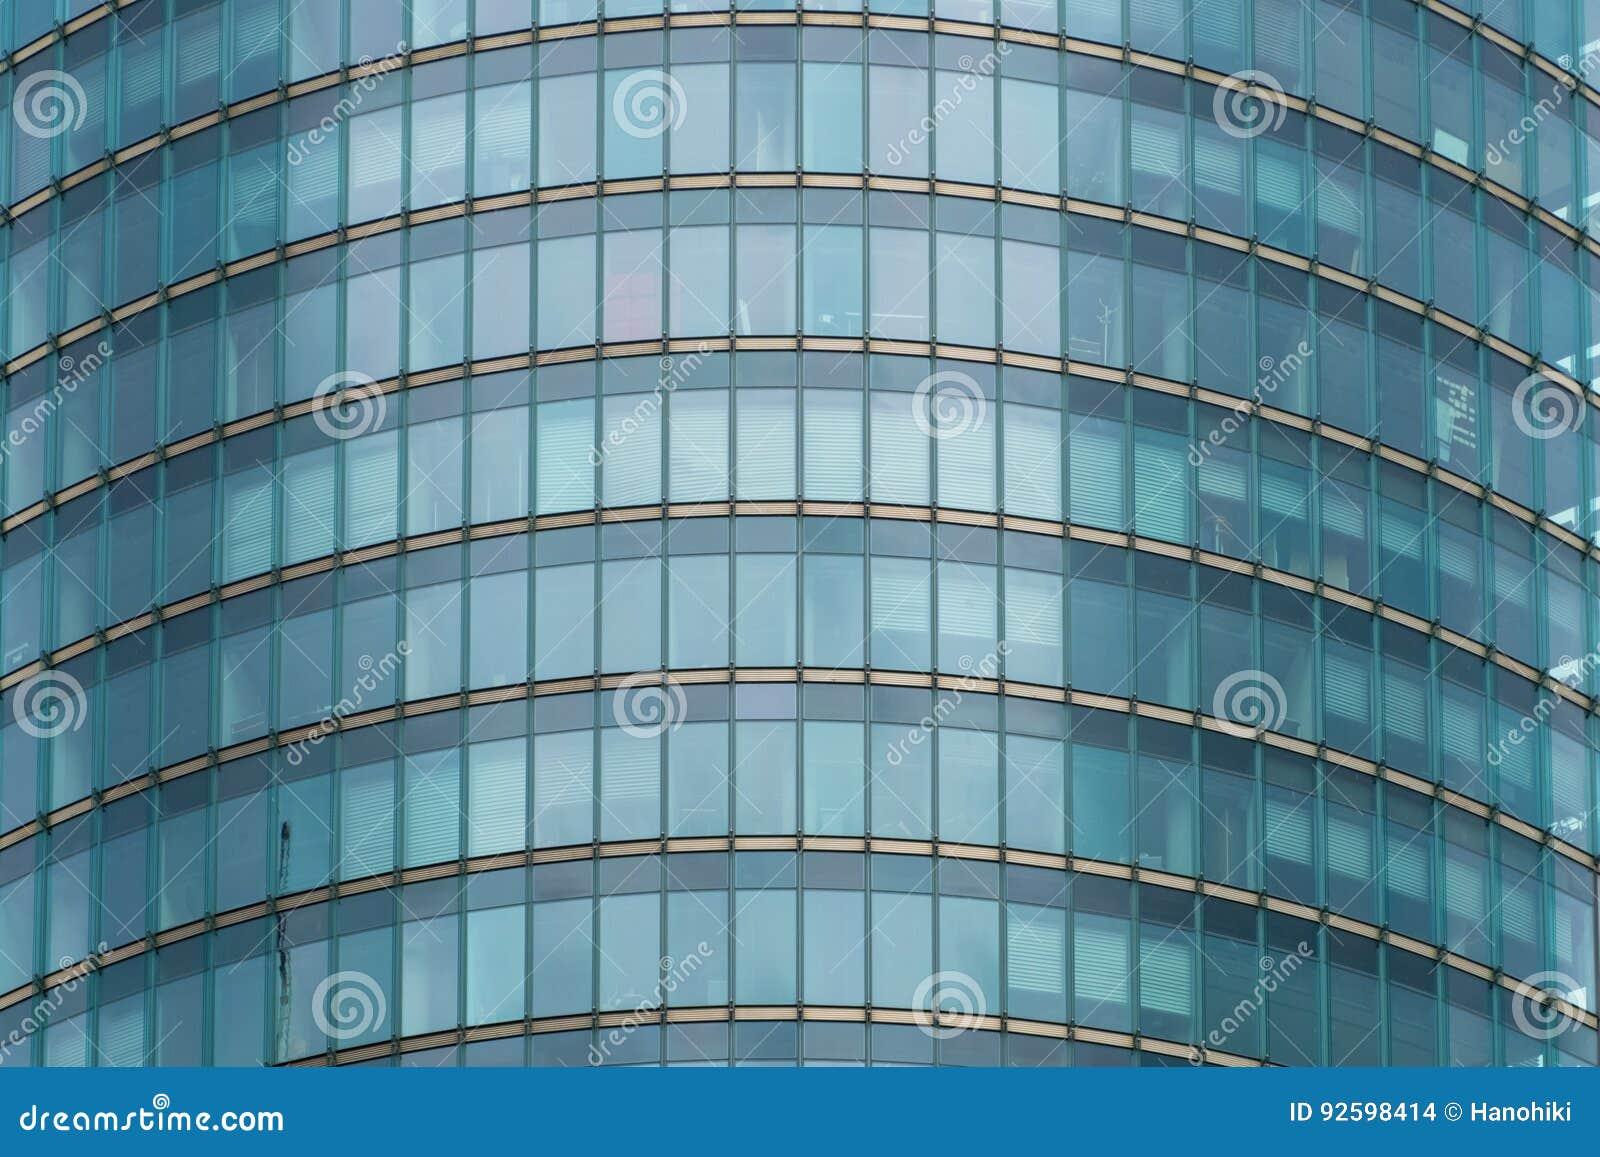 Fachada de cristal fachadas de vidrio fachada de vidrio - Fachada de cristal ...